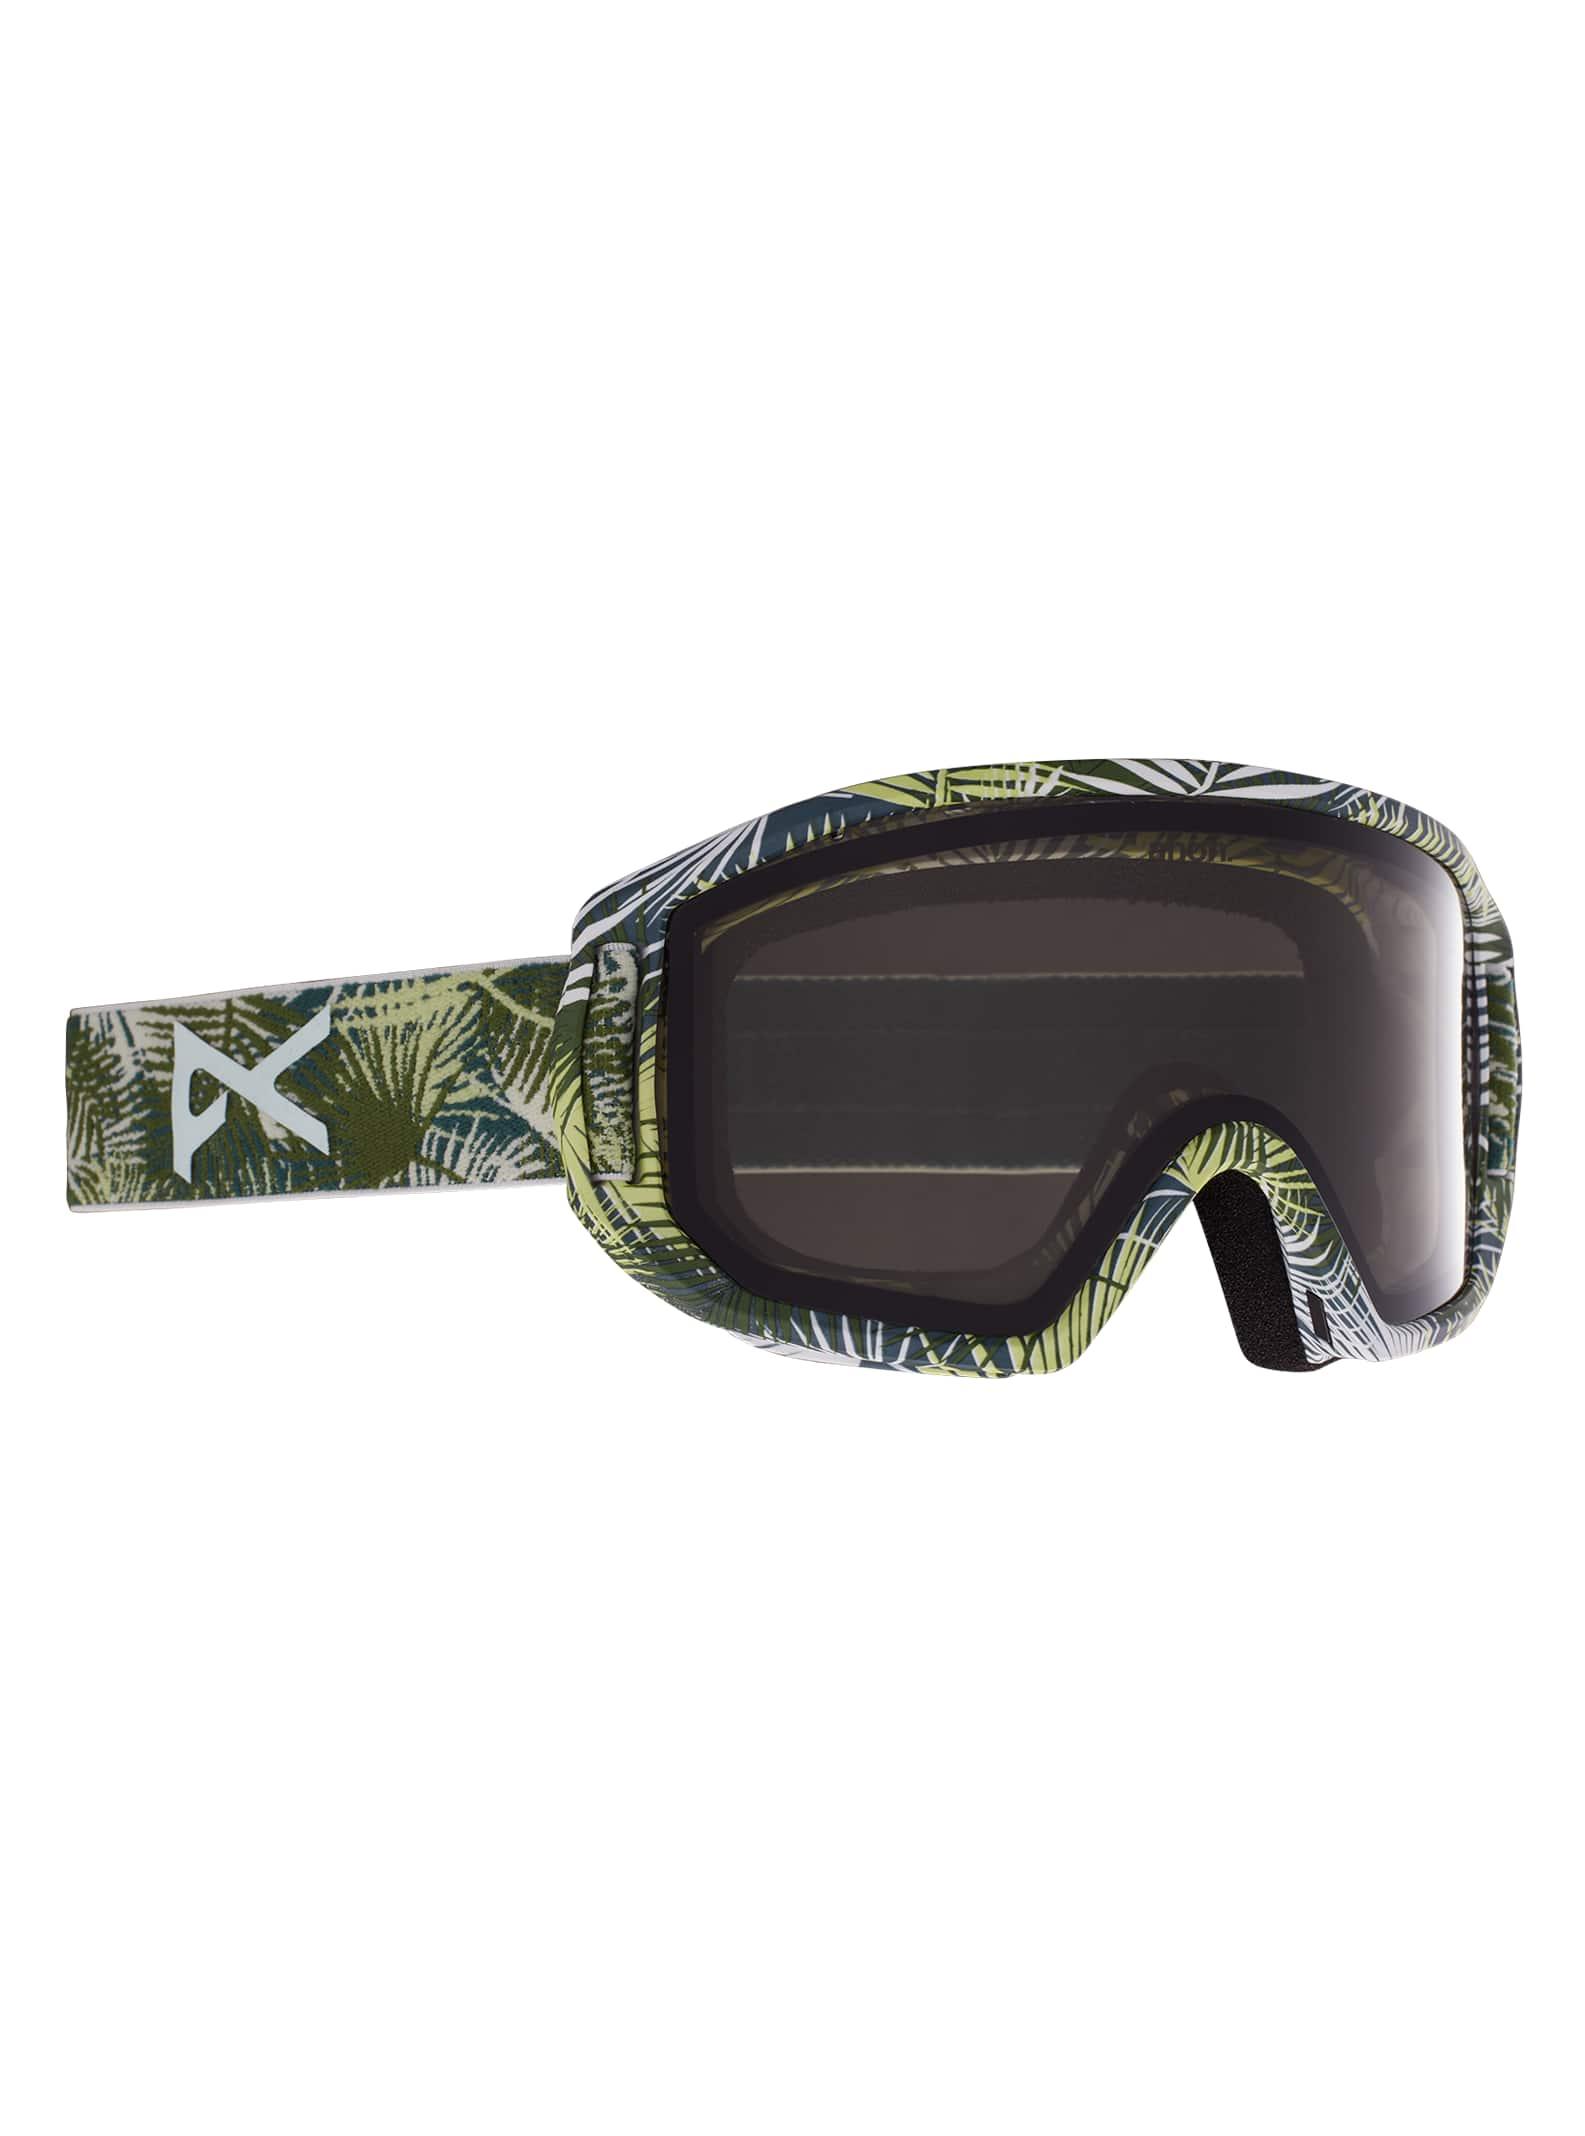 Anon Relapse Jr. skidglasögon + MFI® skidmask för barn, Frame: Blue, Lens: Blue Amber